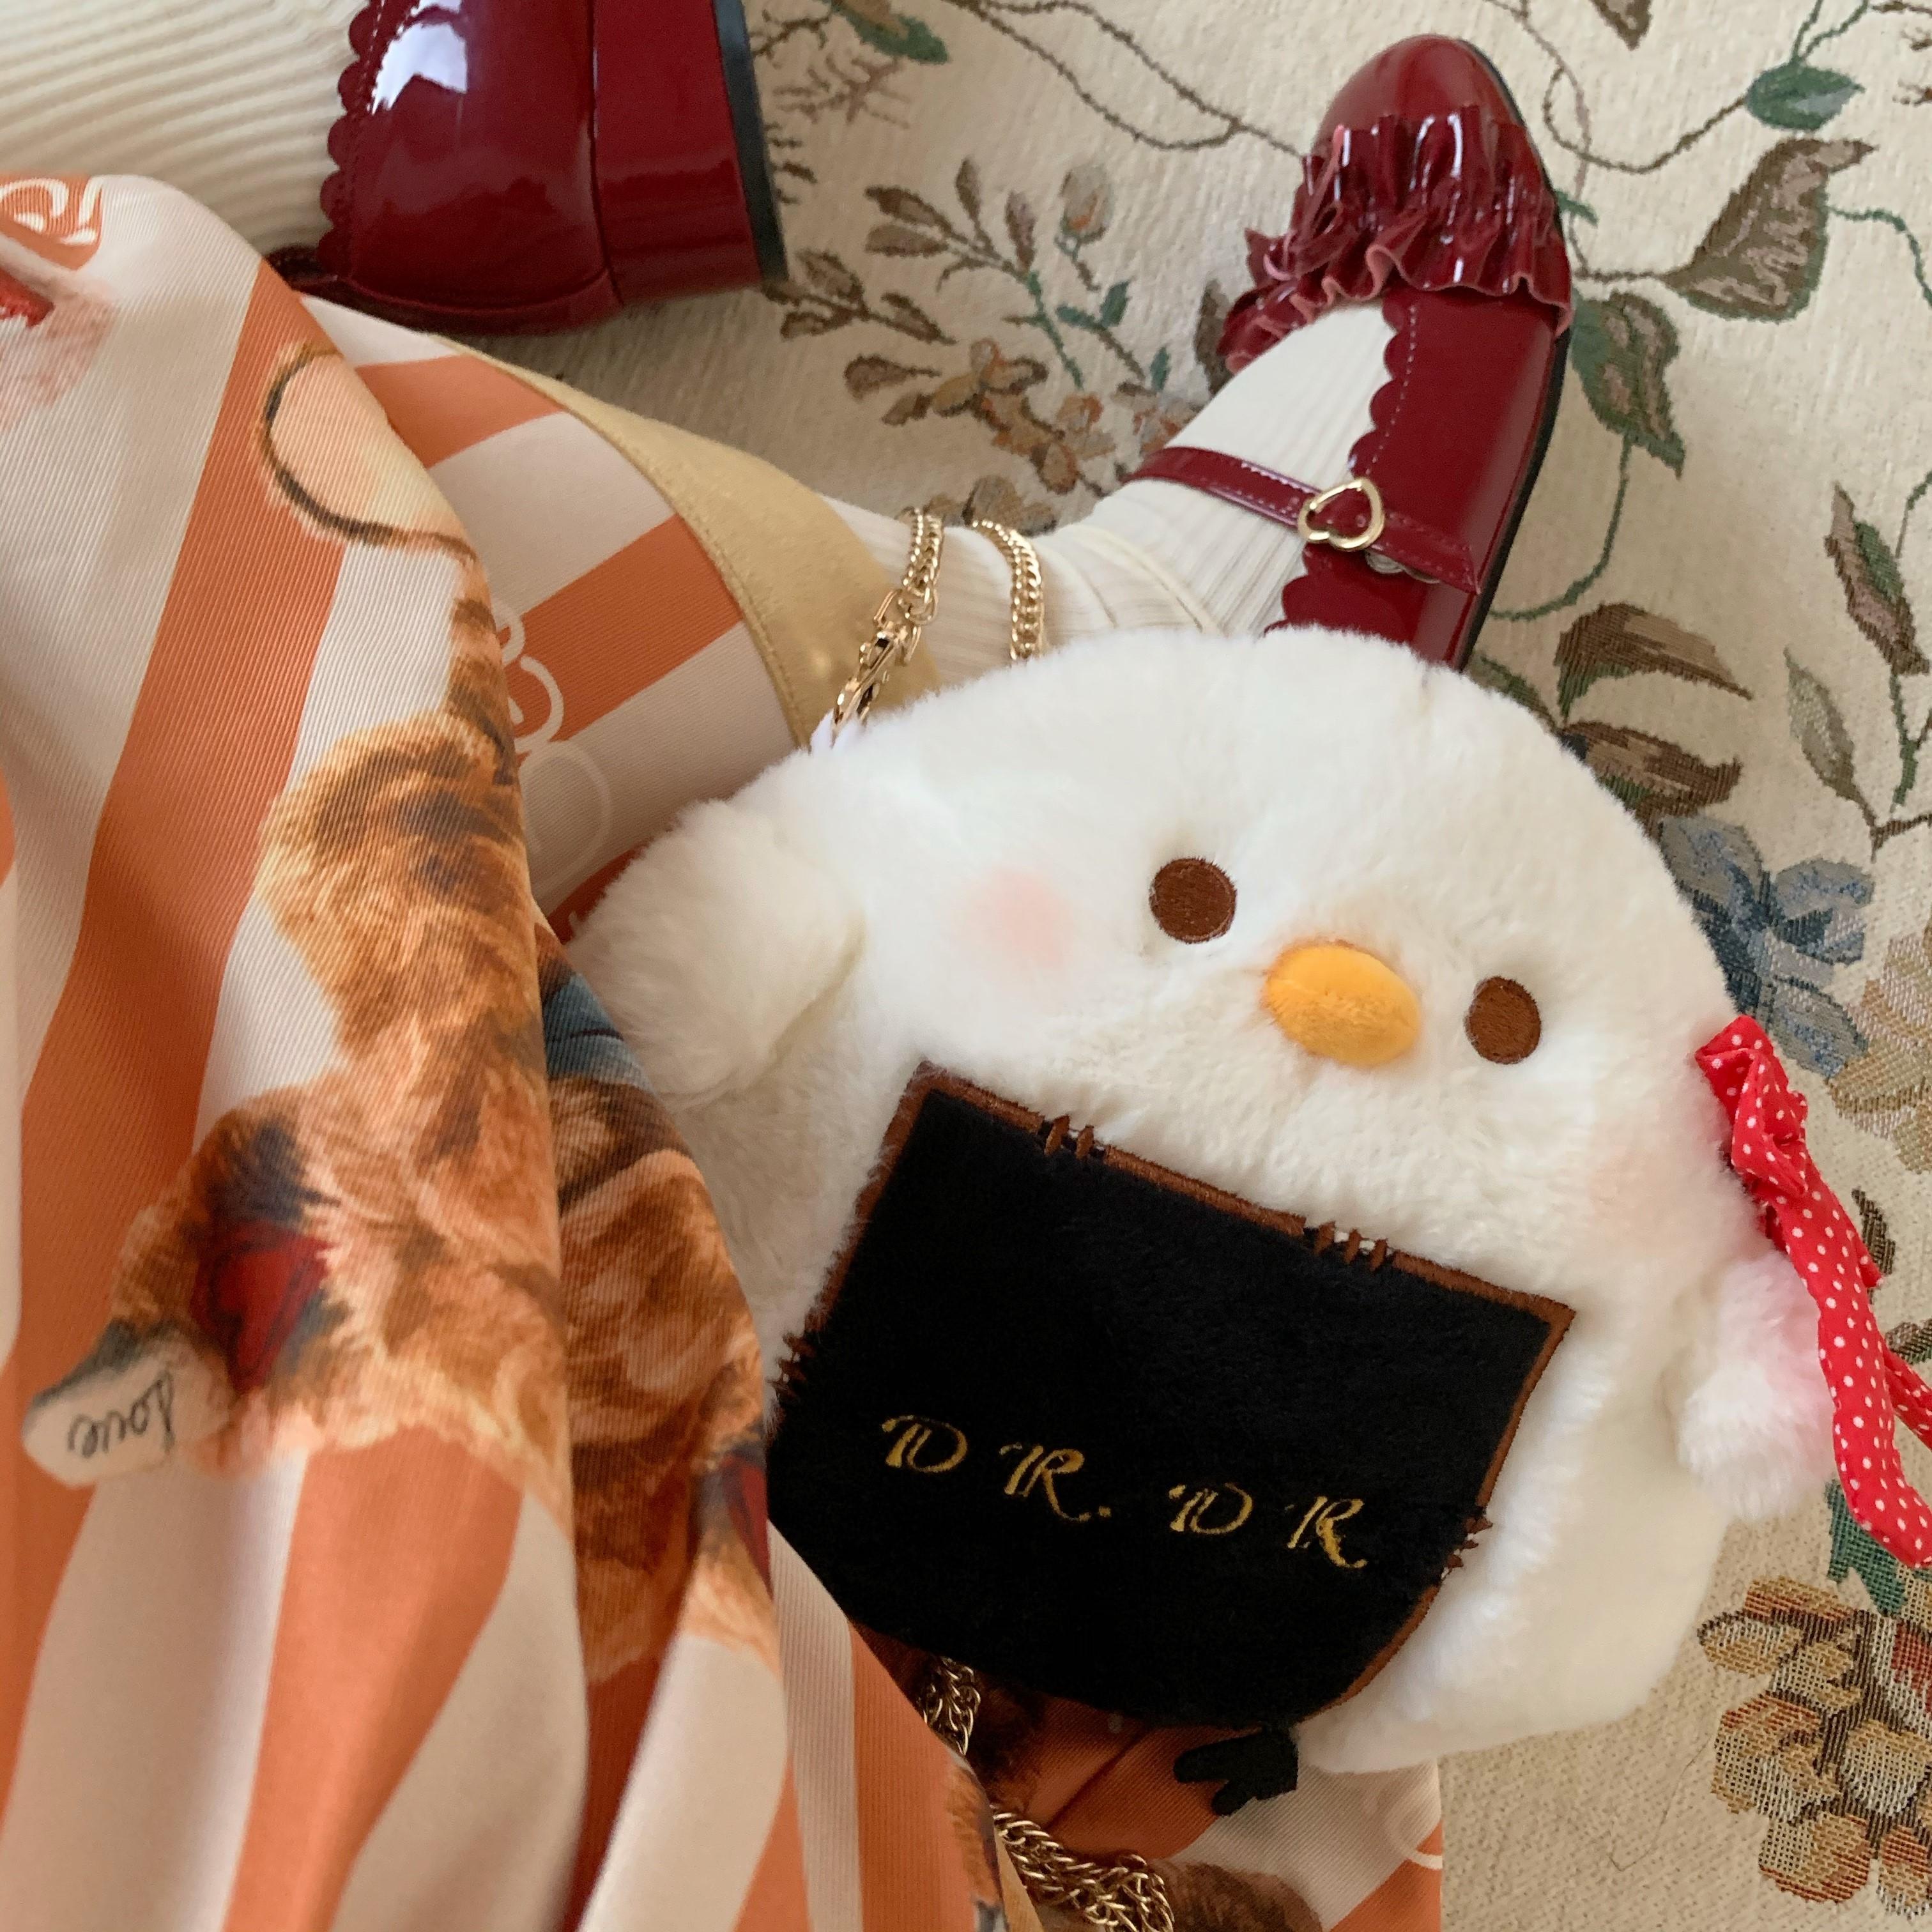 DRDRグーグー2020新型ファッションロリータjkオリジナル斜めショルダー可愛いぬいぐるみバッグ女性